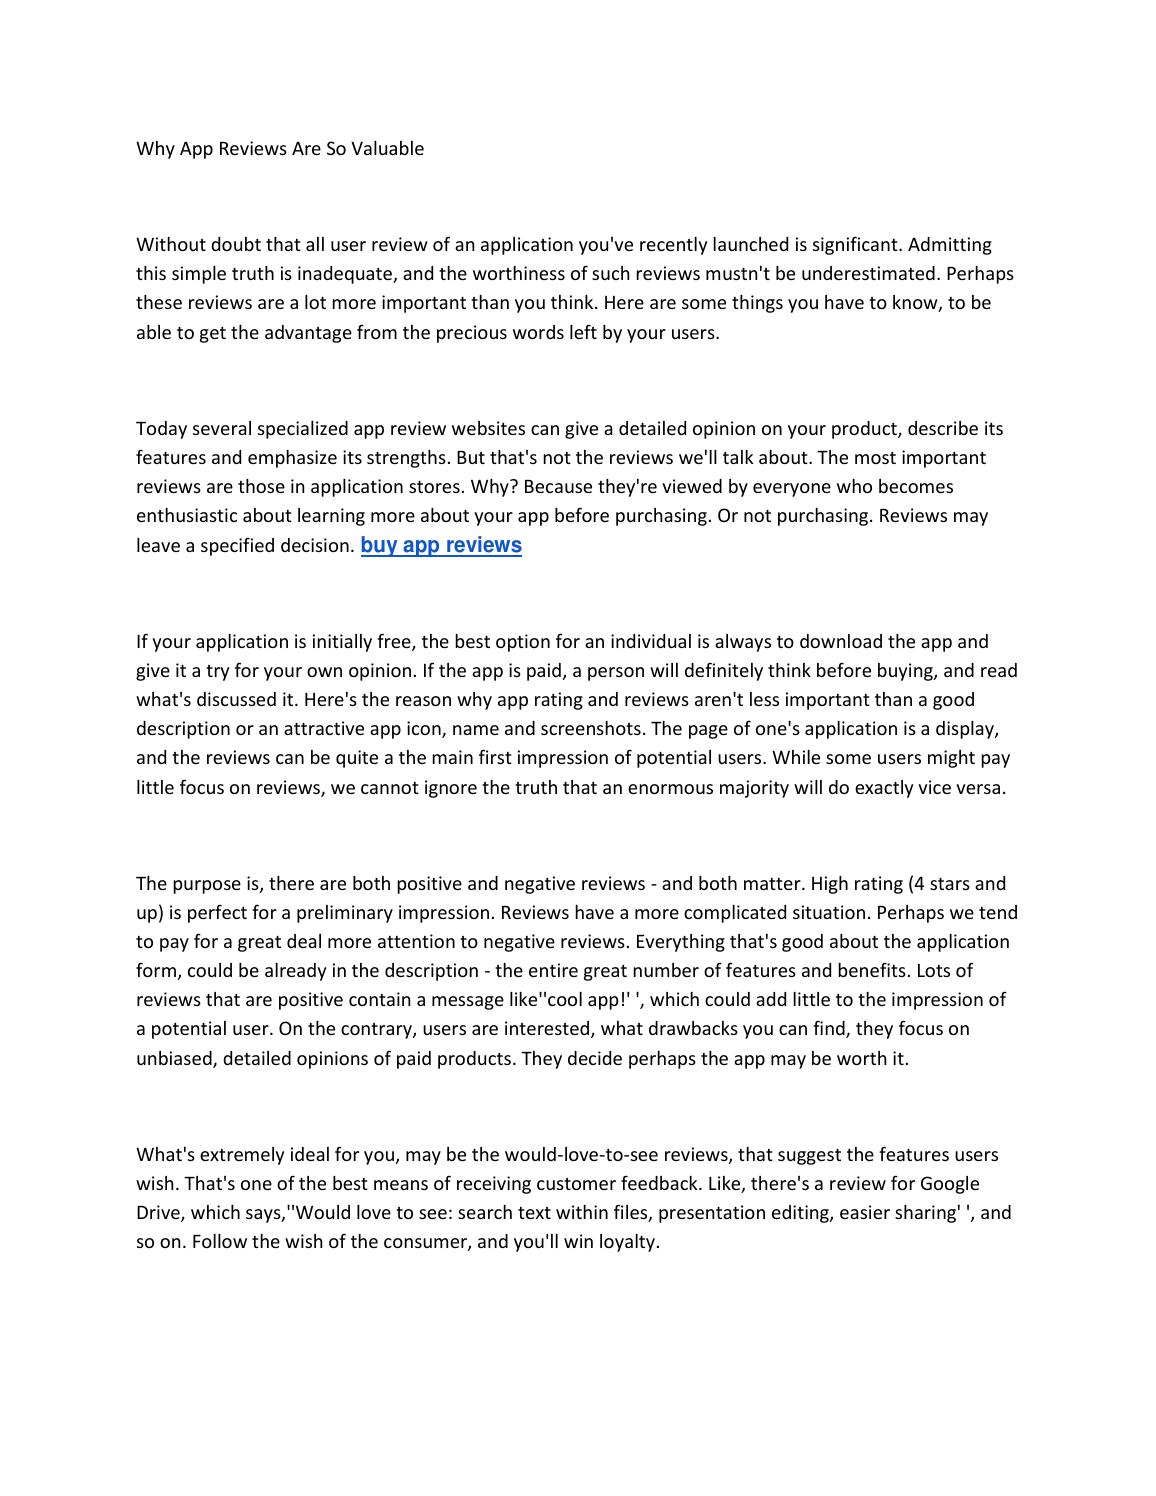 Buy app reviews by HayesMichael - issuu